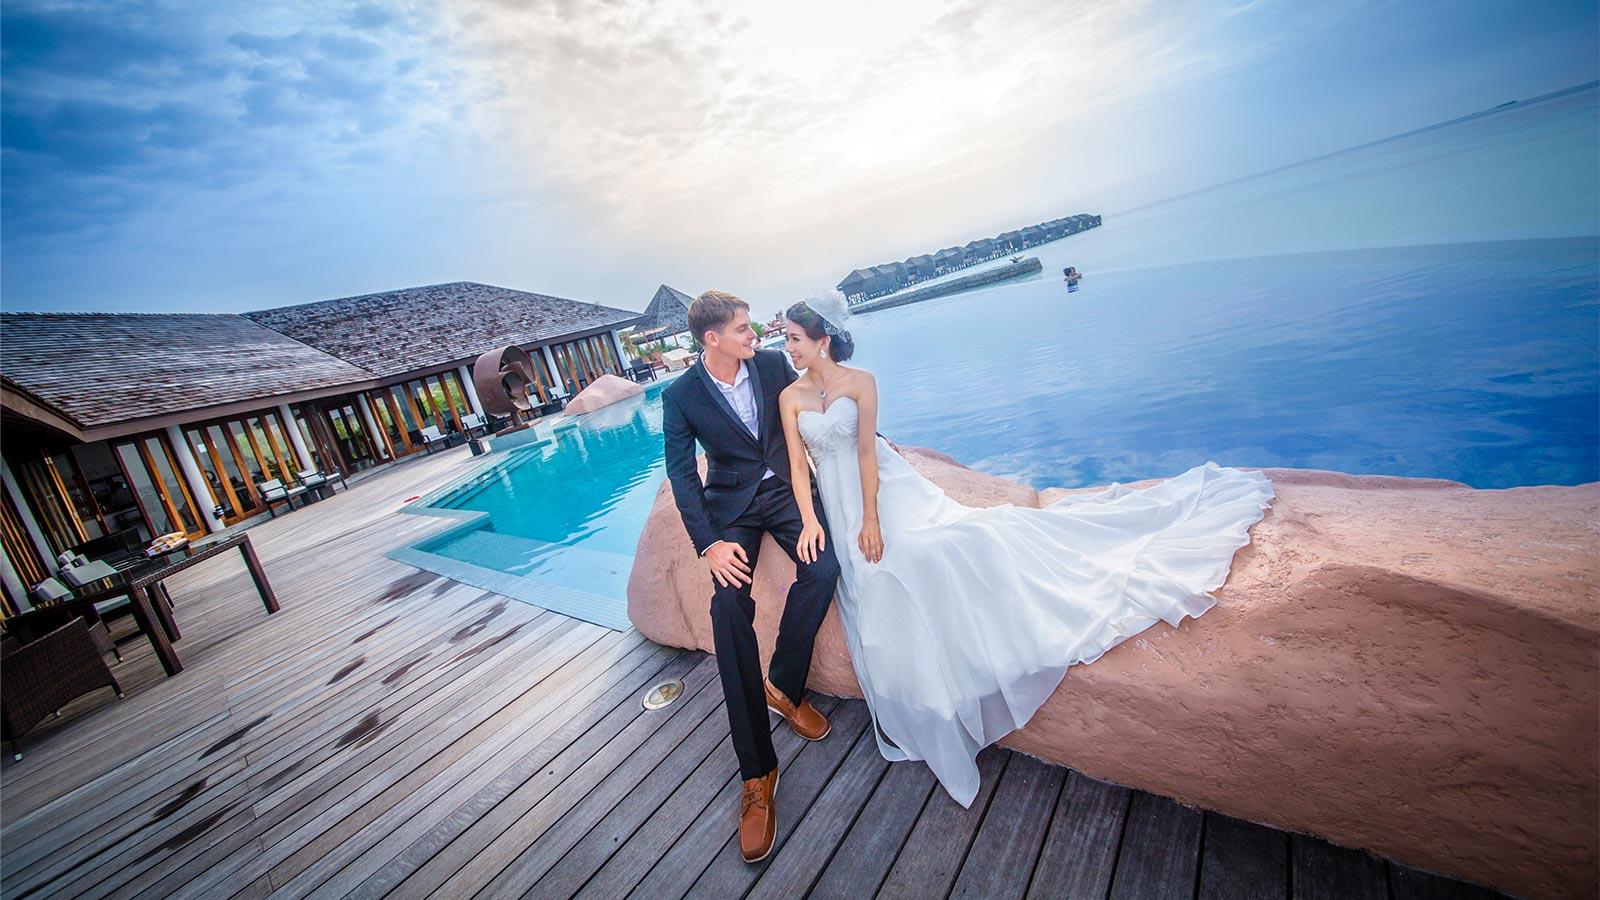 maldive-viaggio-nozze-sposi-divorzi